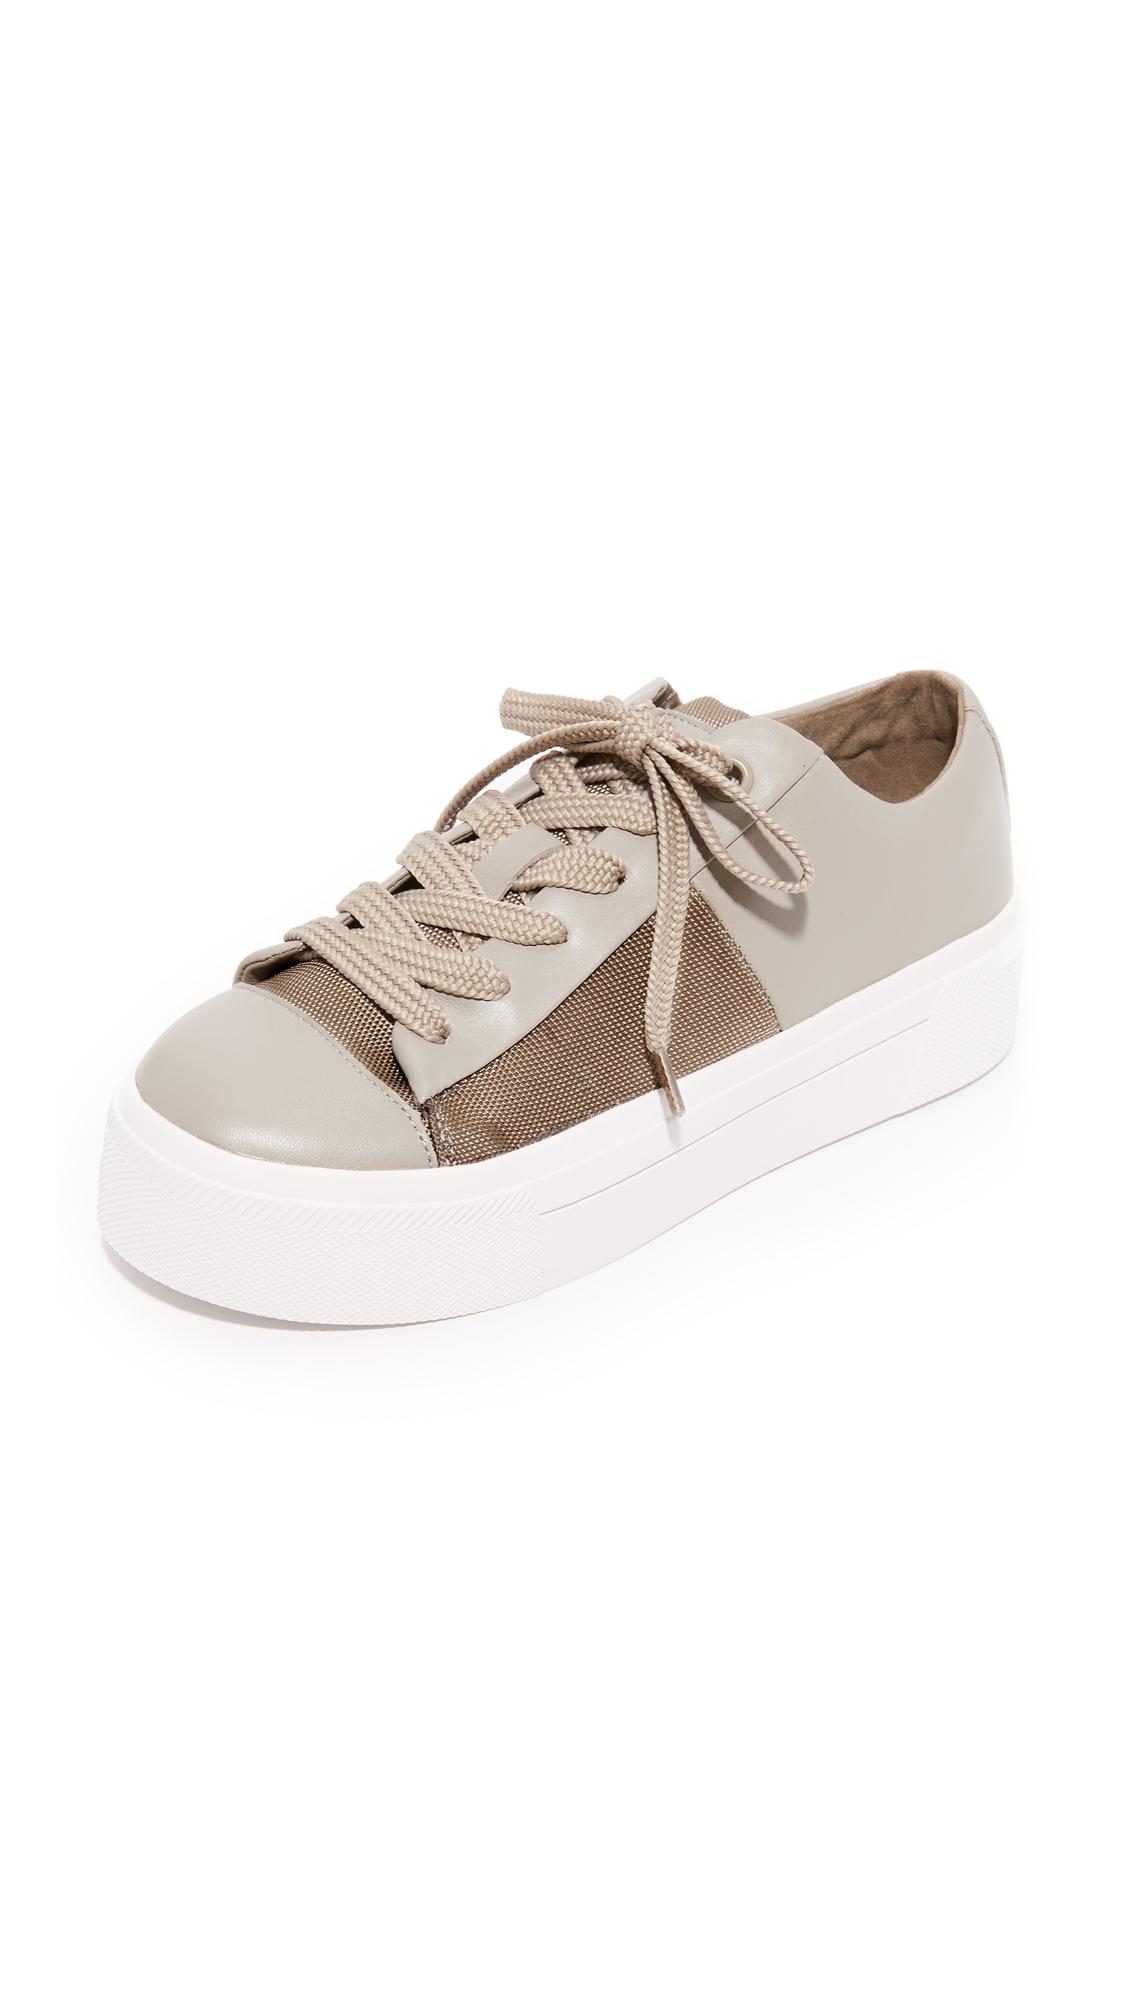 Dkny Bari Platform Sneakers - Clay/Dark Clay at Shopbop